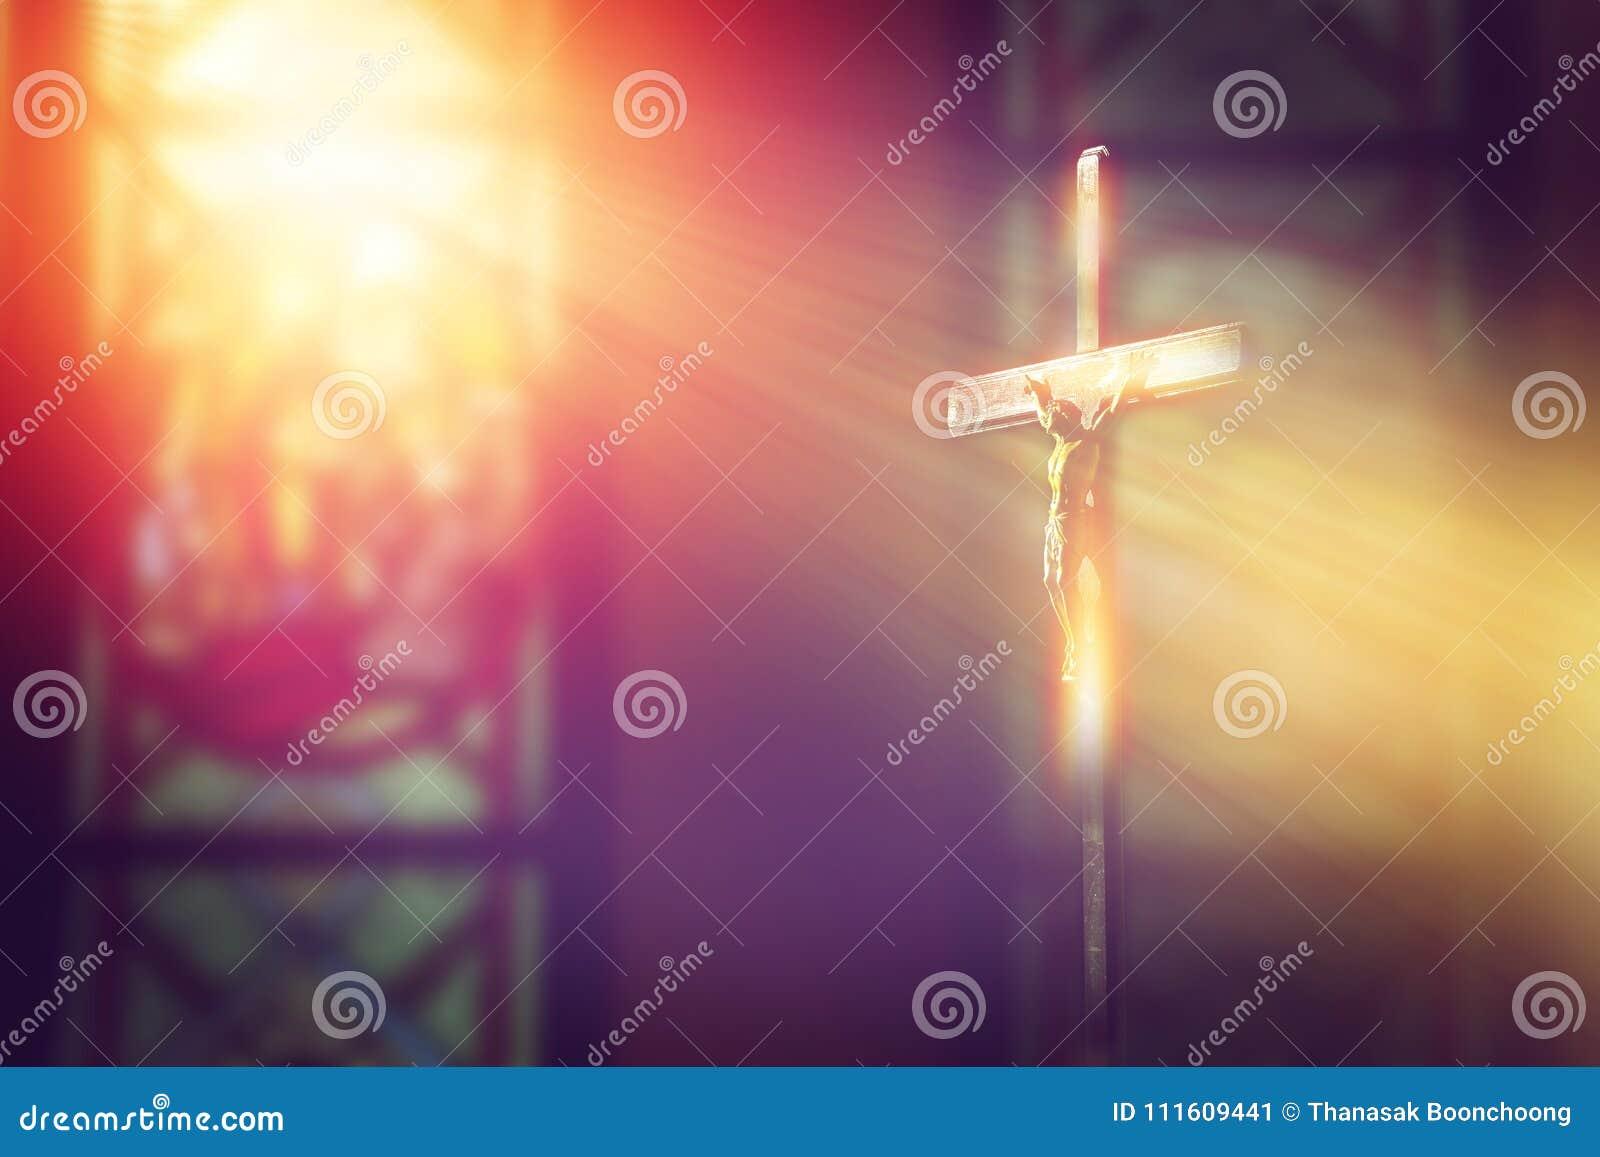 Kruzifix, Jesus auf dem Kreuz in der Kirche mit Strahl des Lichtes